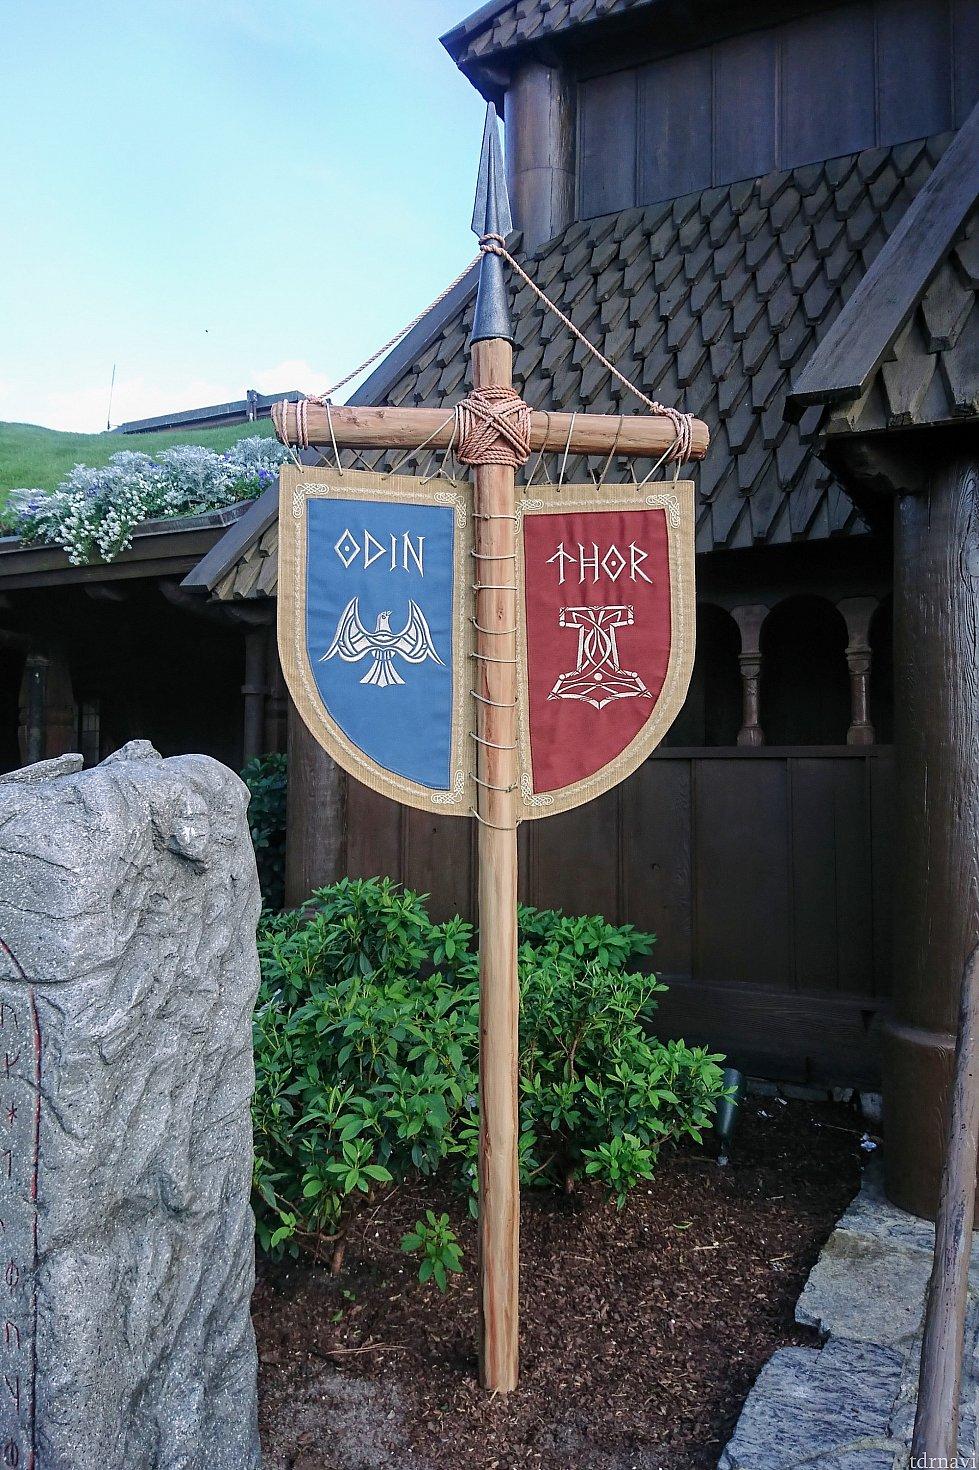 マイティー・ソーの気配を感じます♪ お時間があったら、教会内のバイキング関連展示の見学もどうぞ!